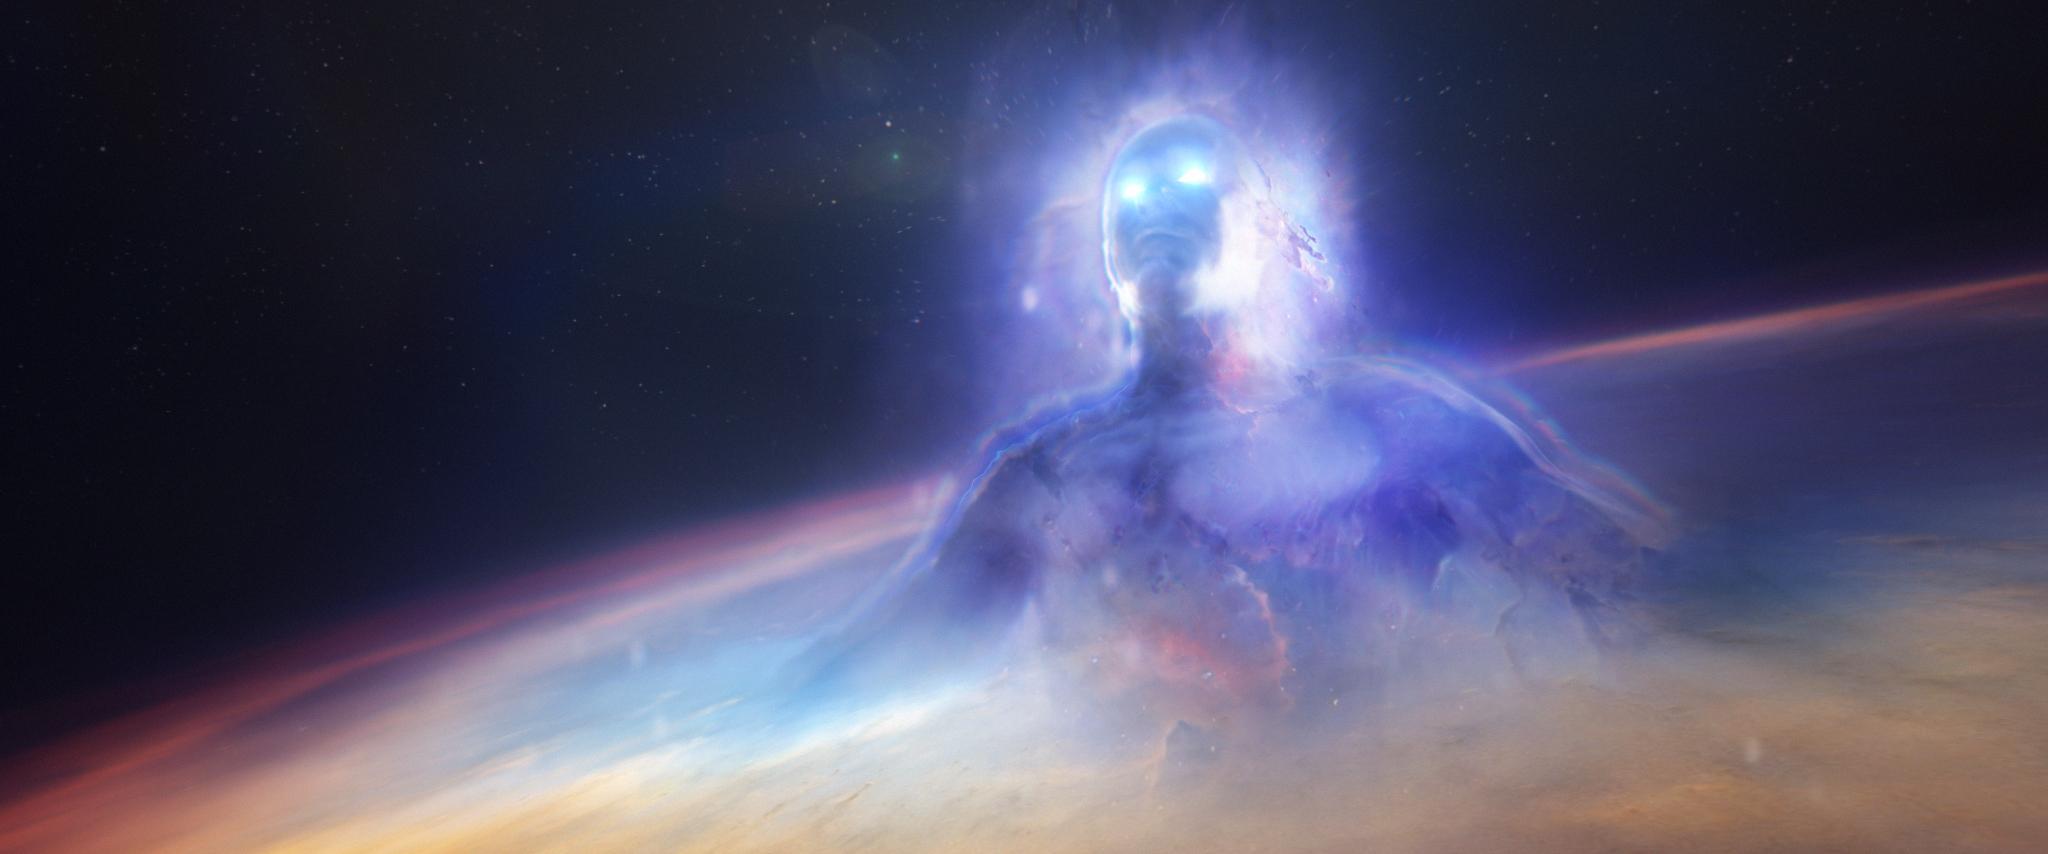 cosmic_ending_final_02208.jpg